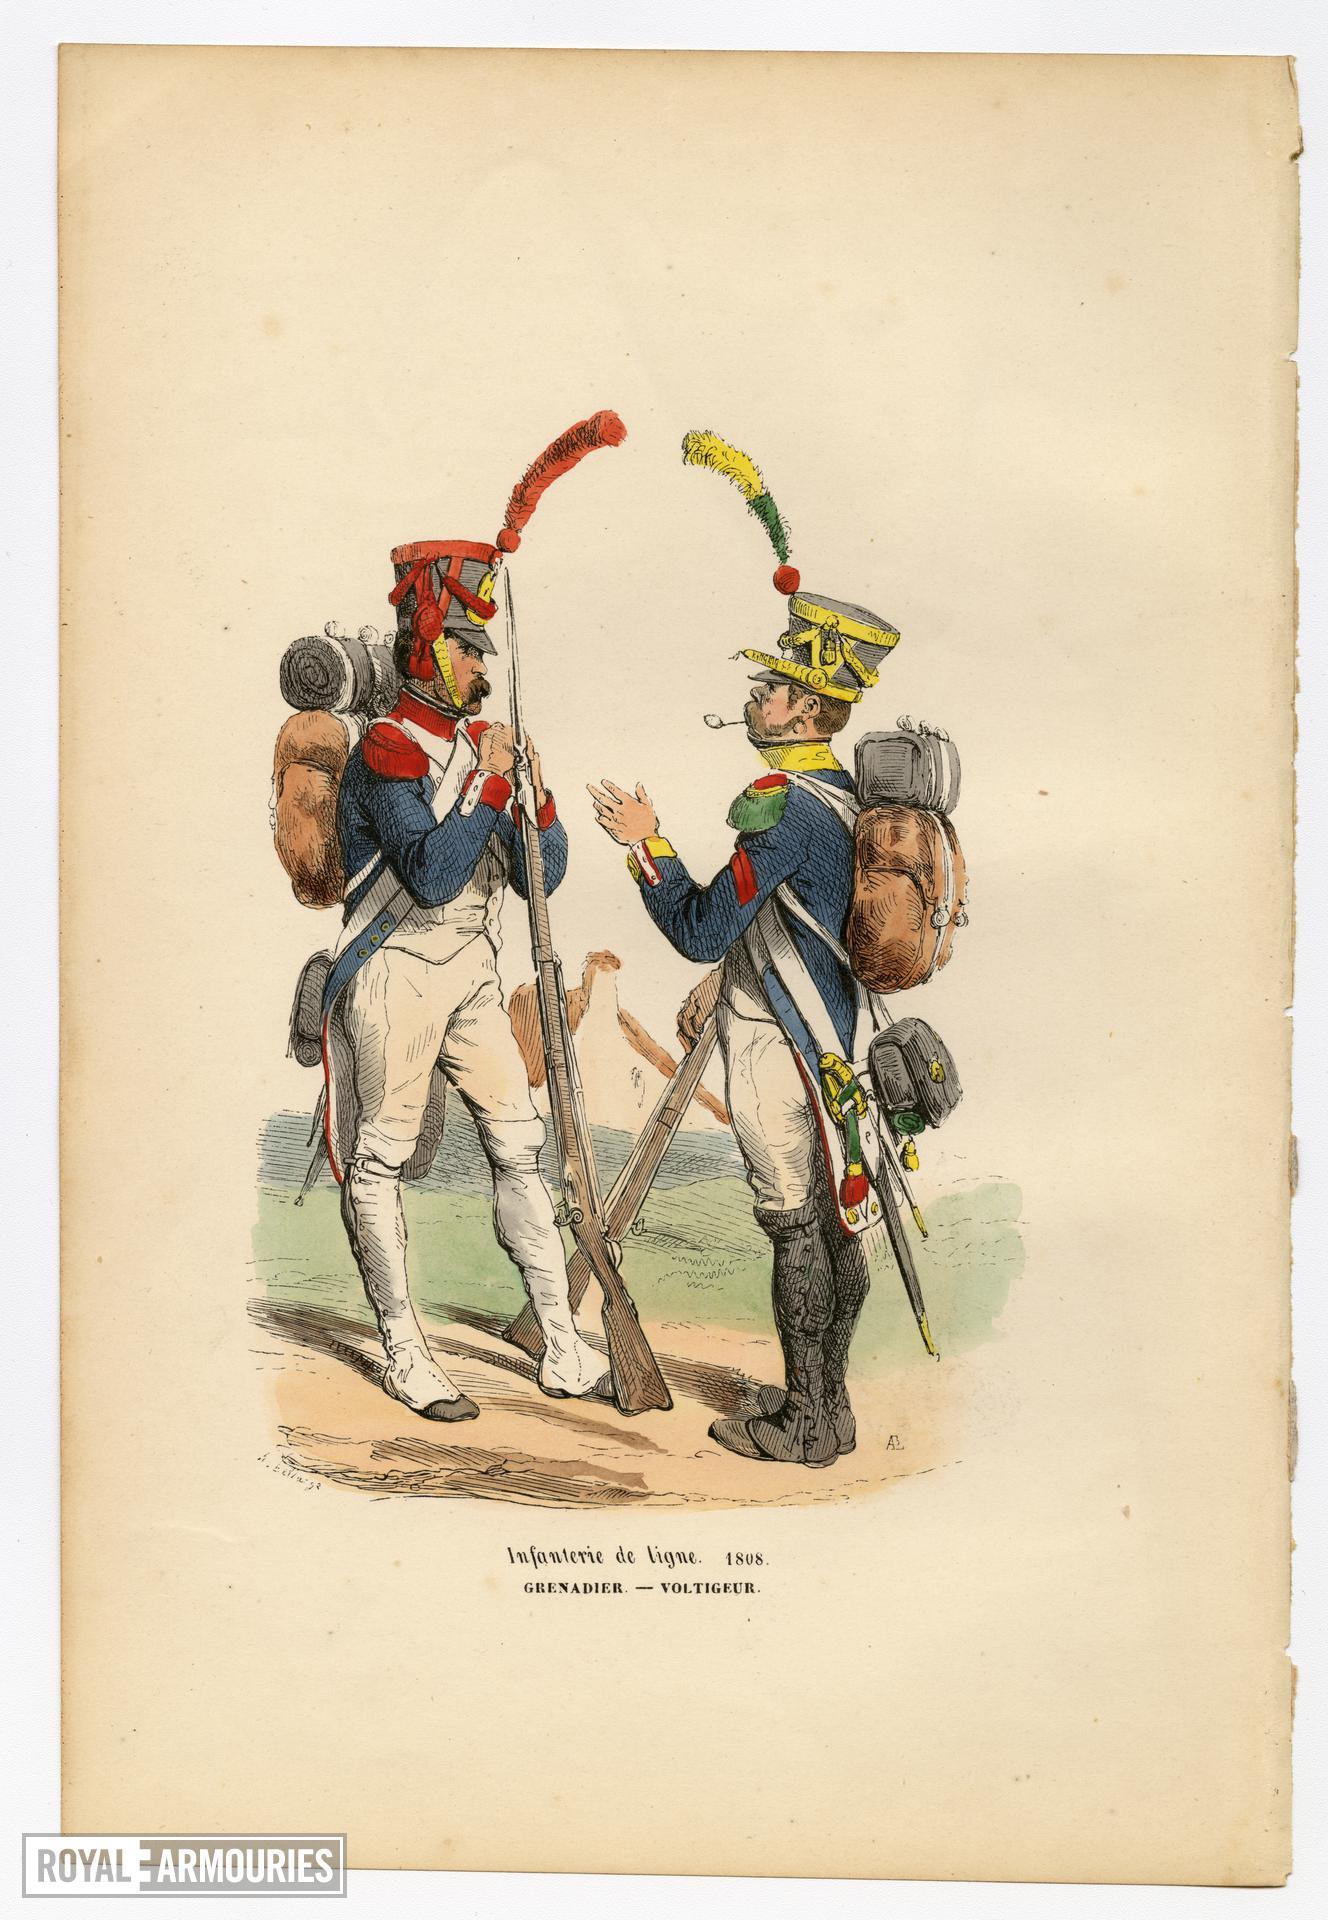 """Infanterie de Ligne 1808: Grenadier - Voltigeur. Original hand-coloured print by Hippolyte Bellange, from the book """"Histoire de l'Empreur Napoleon,"""" Paris: Jean-Jaques Dubochet, 1844."""